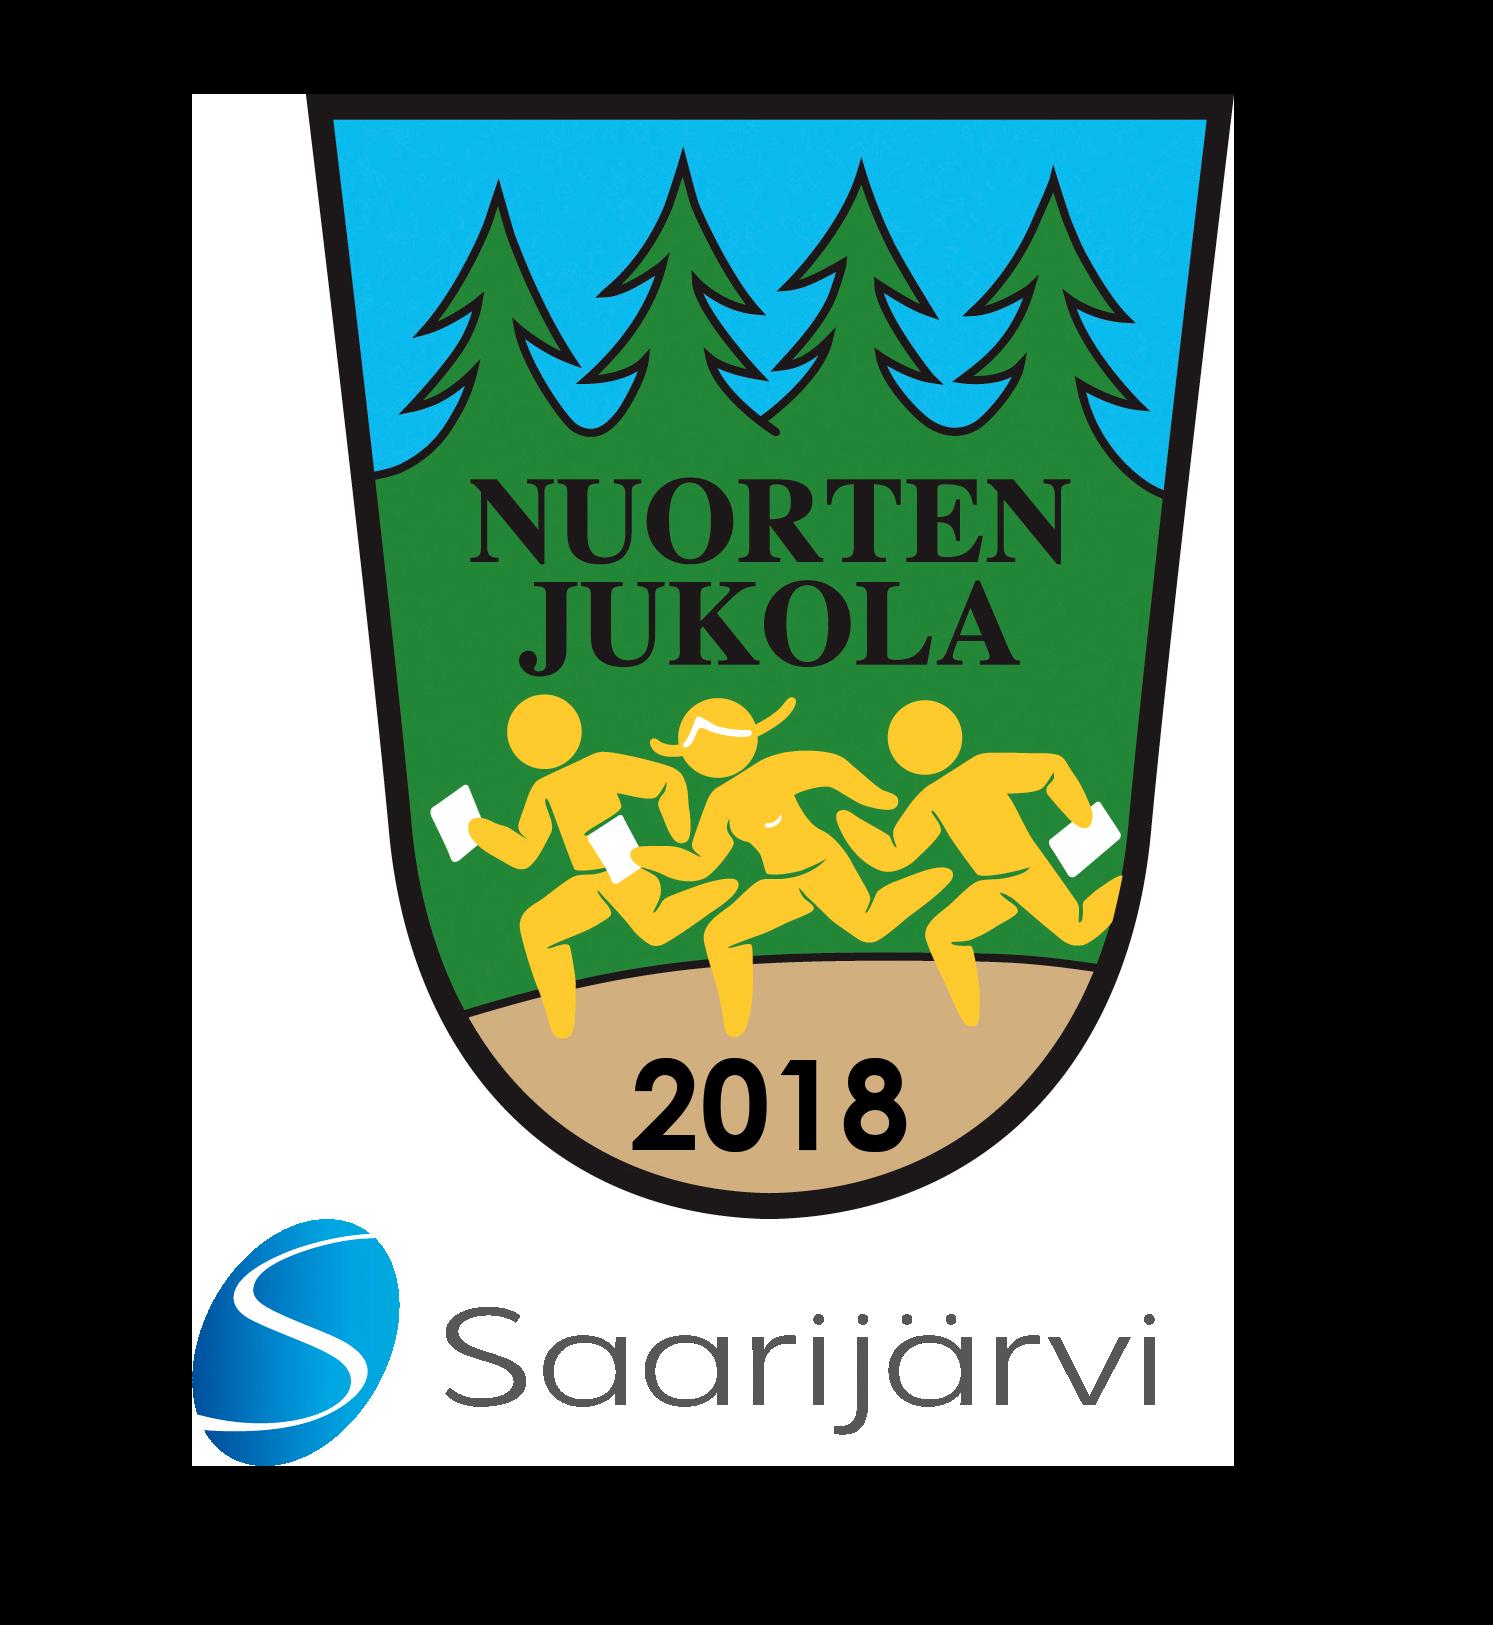 Nuorten Jukola 2018